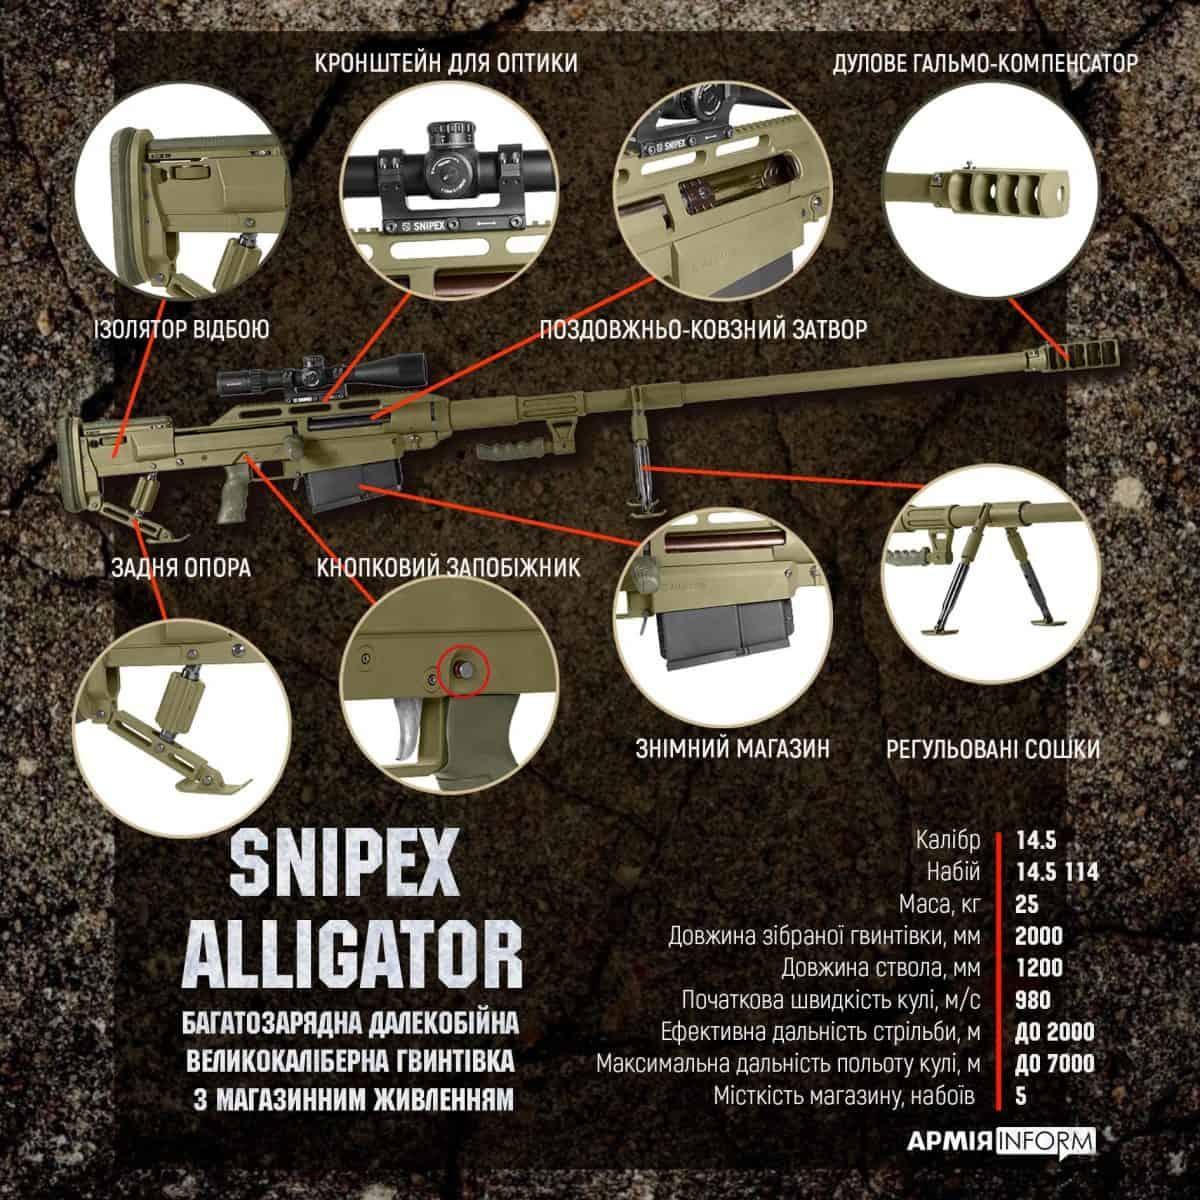 Особливості снайперської гвинтівки «Алігатор»